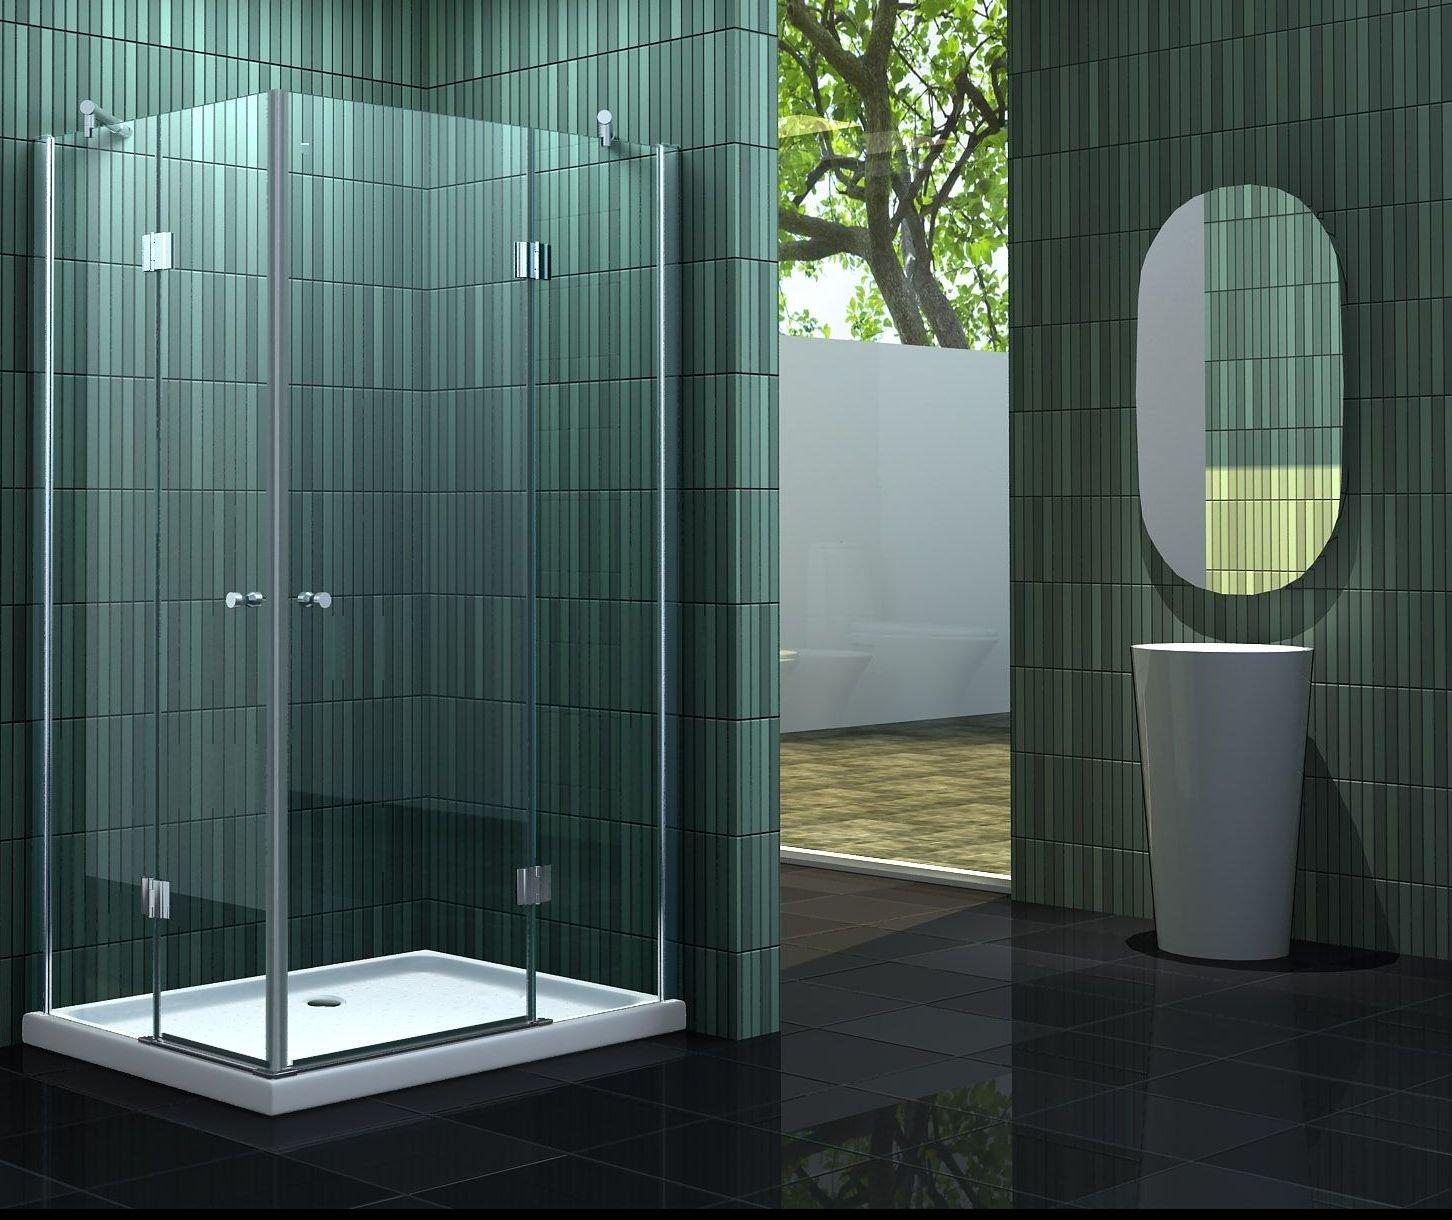 Duschkabine NEOTEC 90 x 75 x 180 cm ohne Duschtasse: Amazon.de: Baumarkt